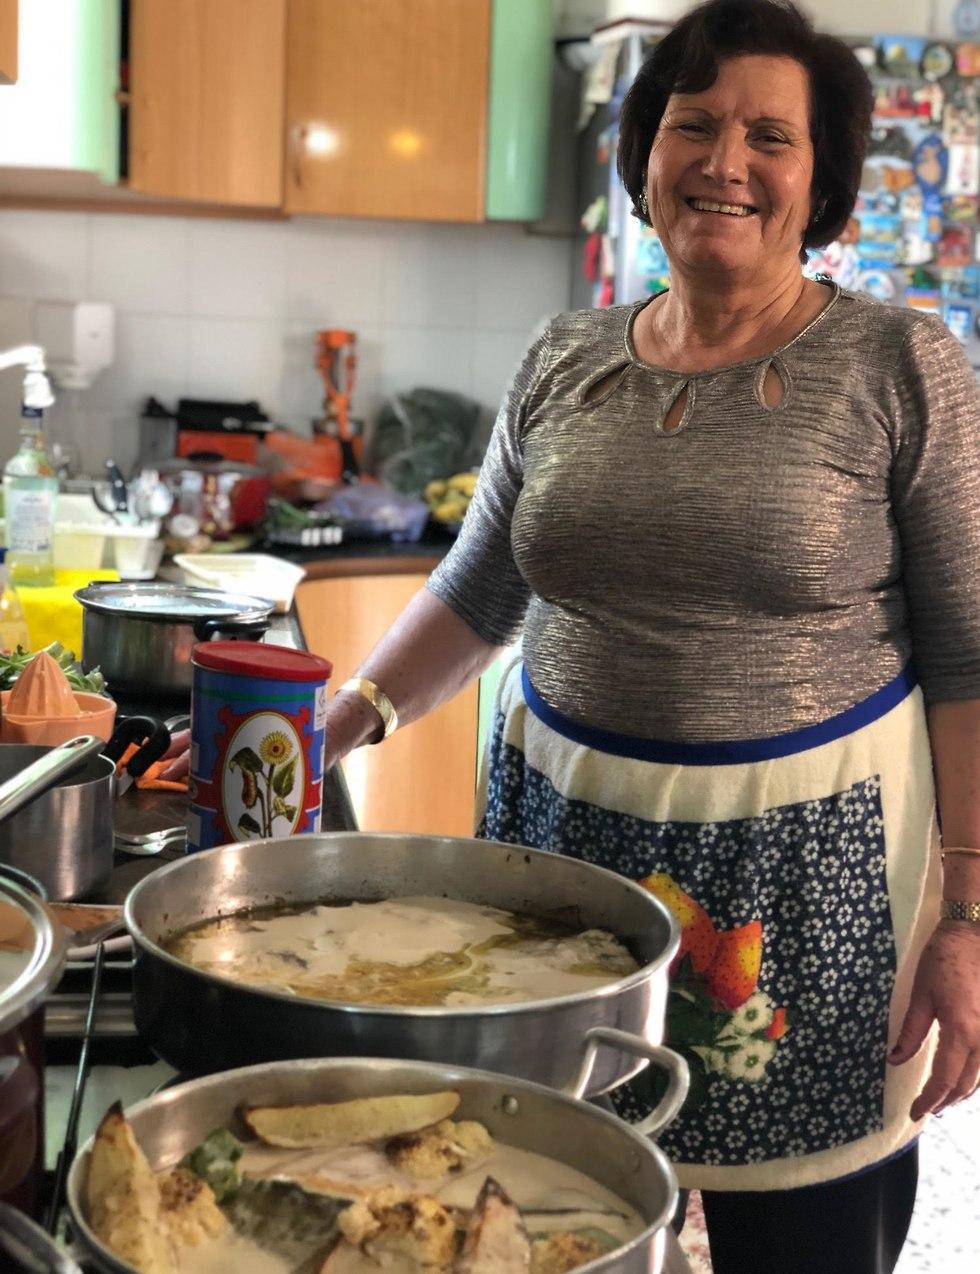 עלאא מוסא מבשל אוכל ערבי עם אימא לביבה (צילום: תיקי גולן)